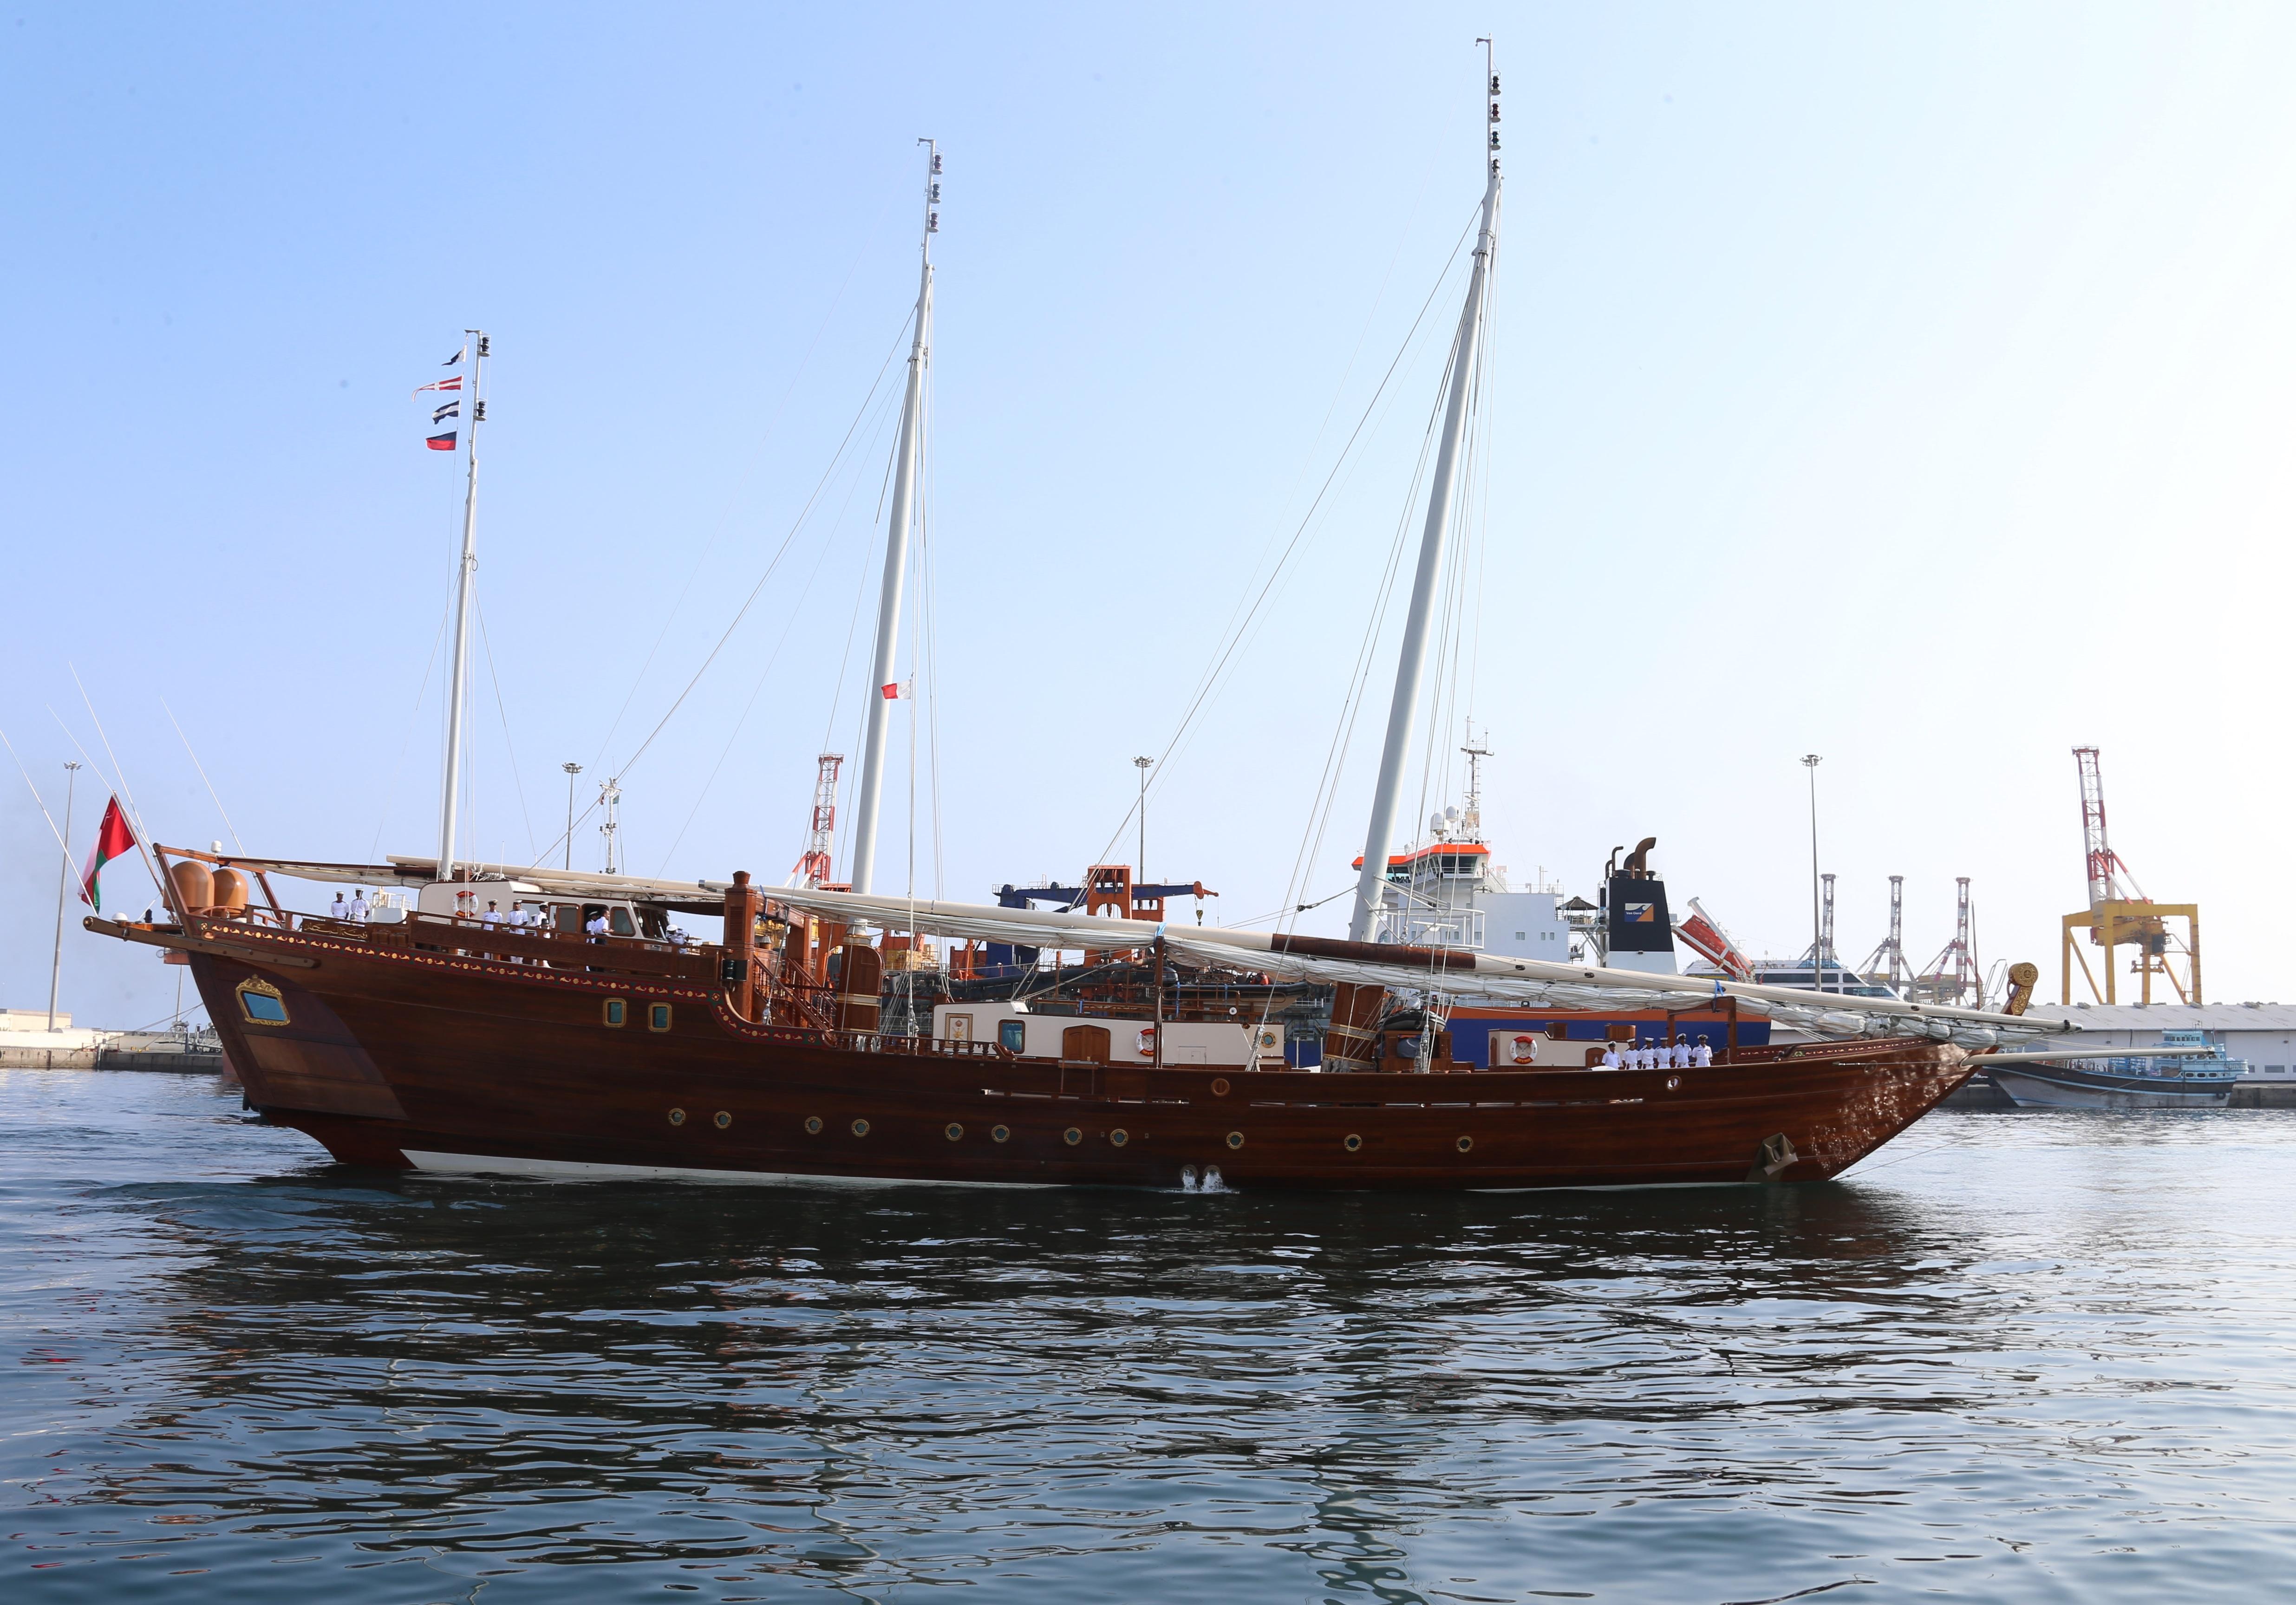 بناءً على التوجيهات السامية.. زينة البحار تتجه إلى الهند